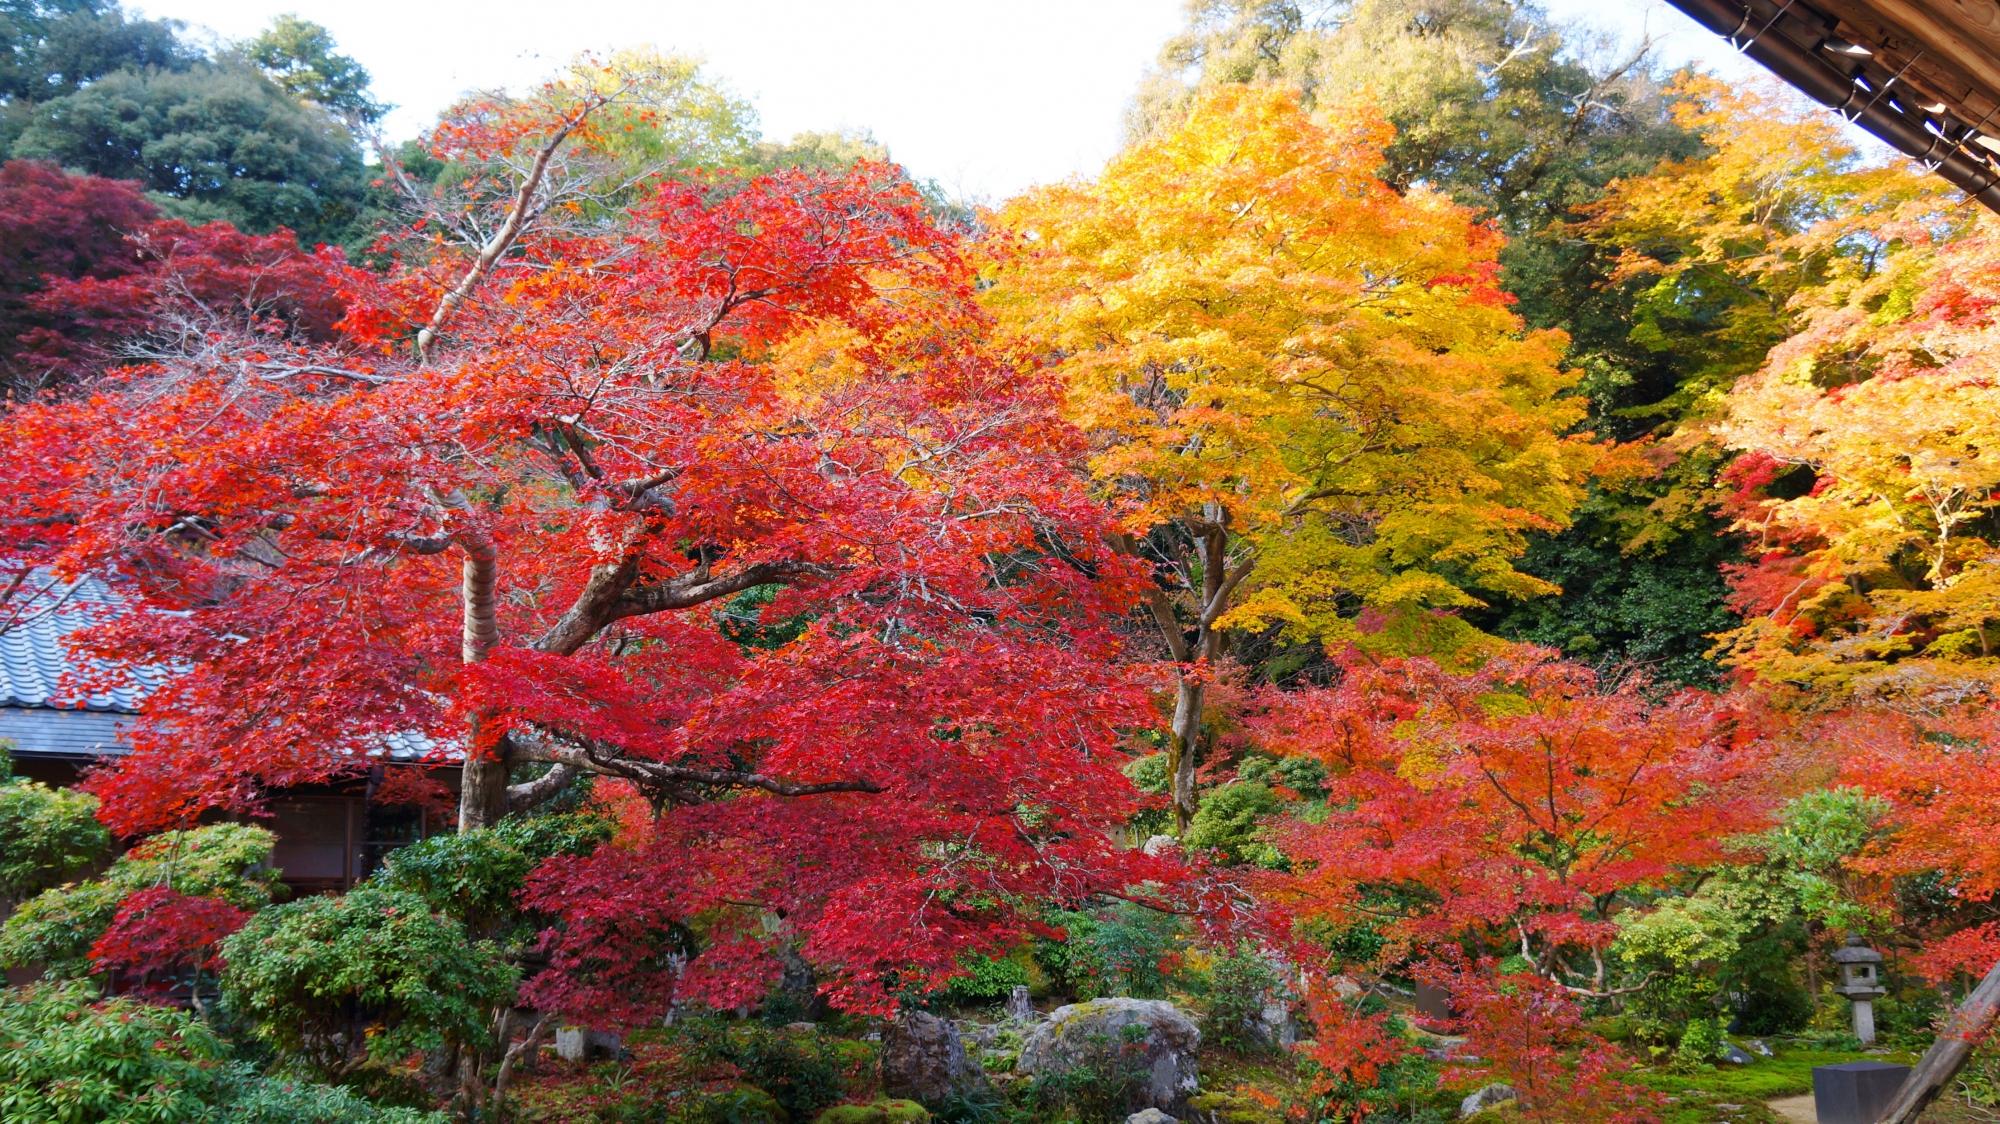 実相院の客殿前に広がる池泉式庭園の紅葉